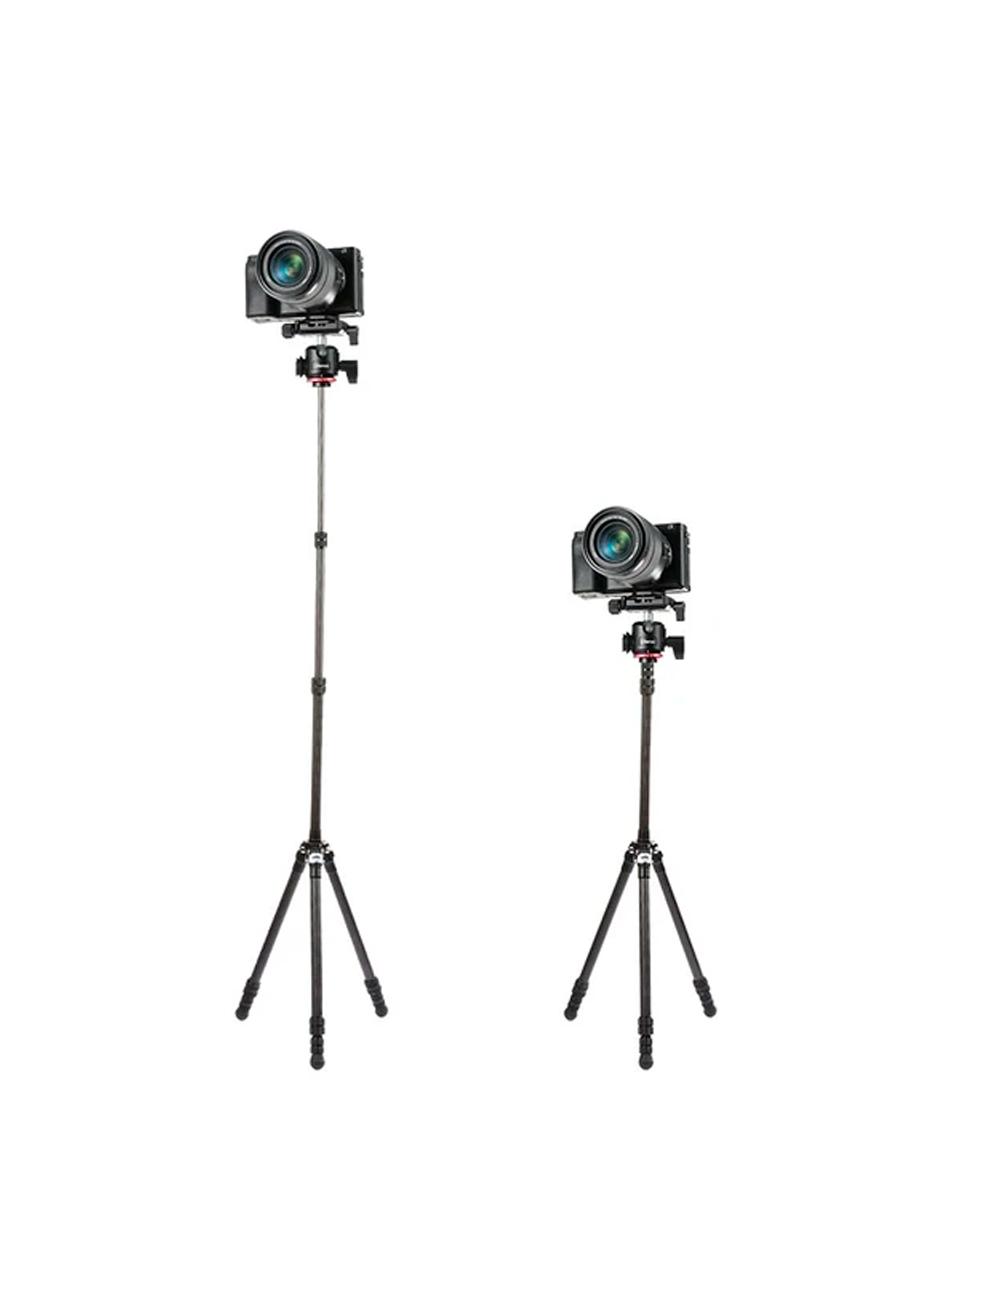 Anillo adaptador para soporte de filtros cuadrados 77mm Fancier